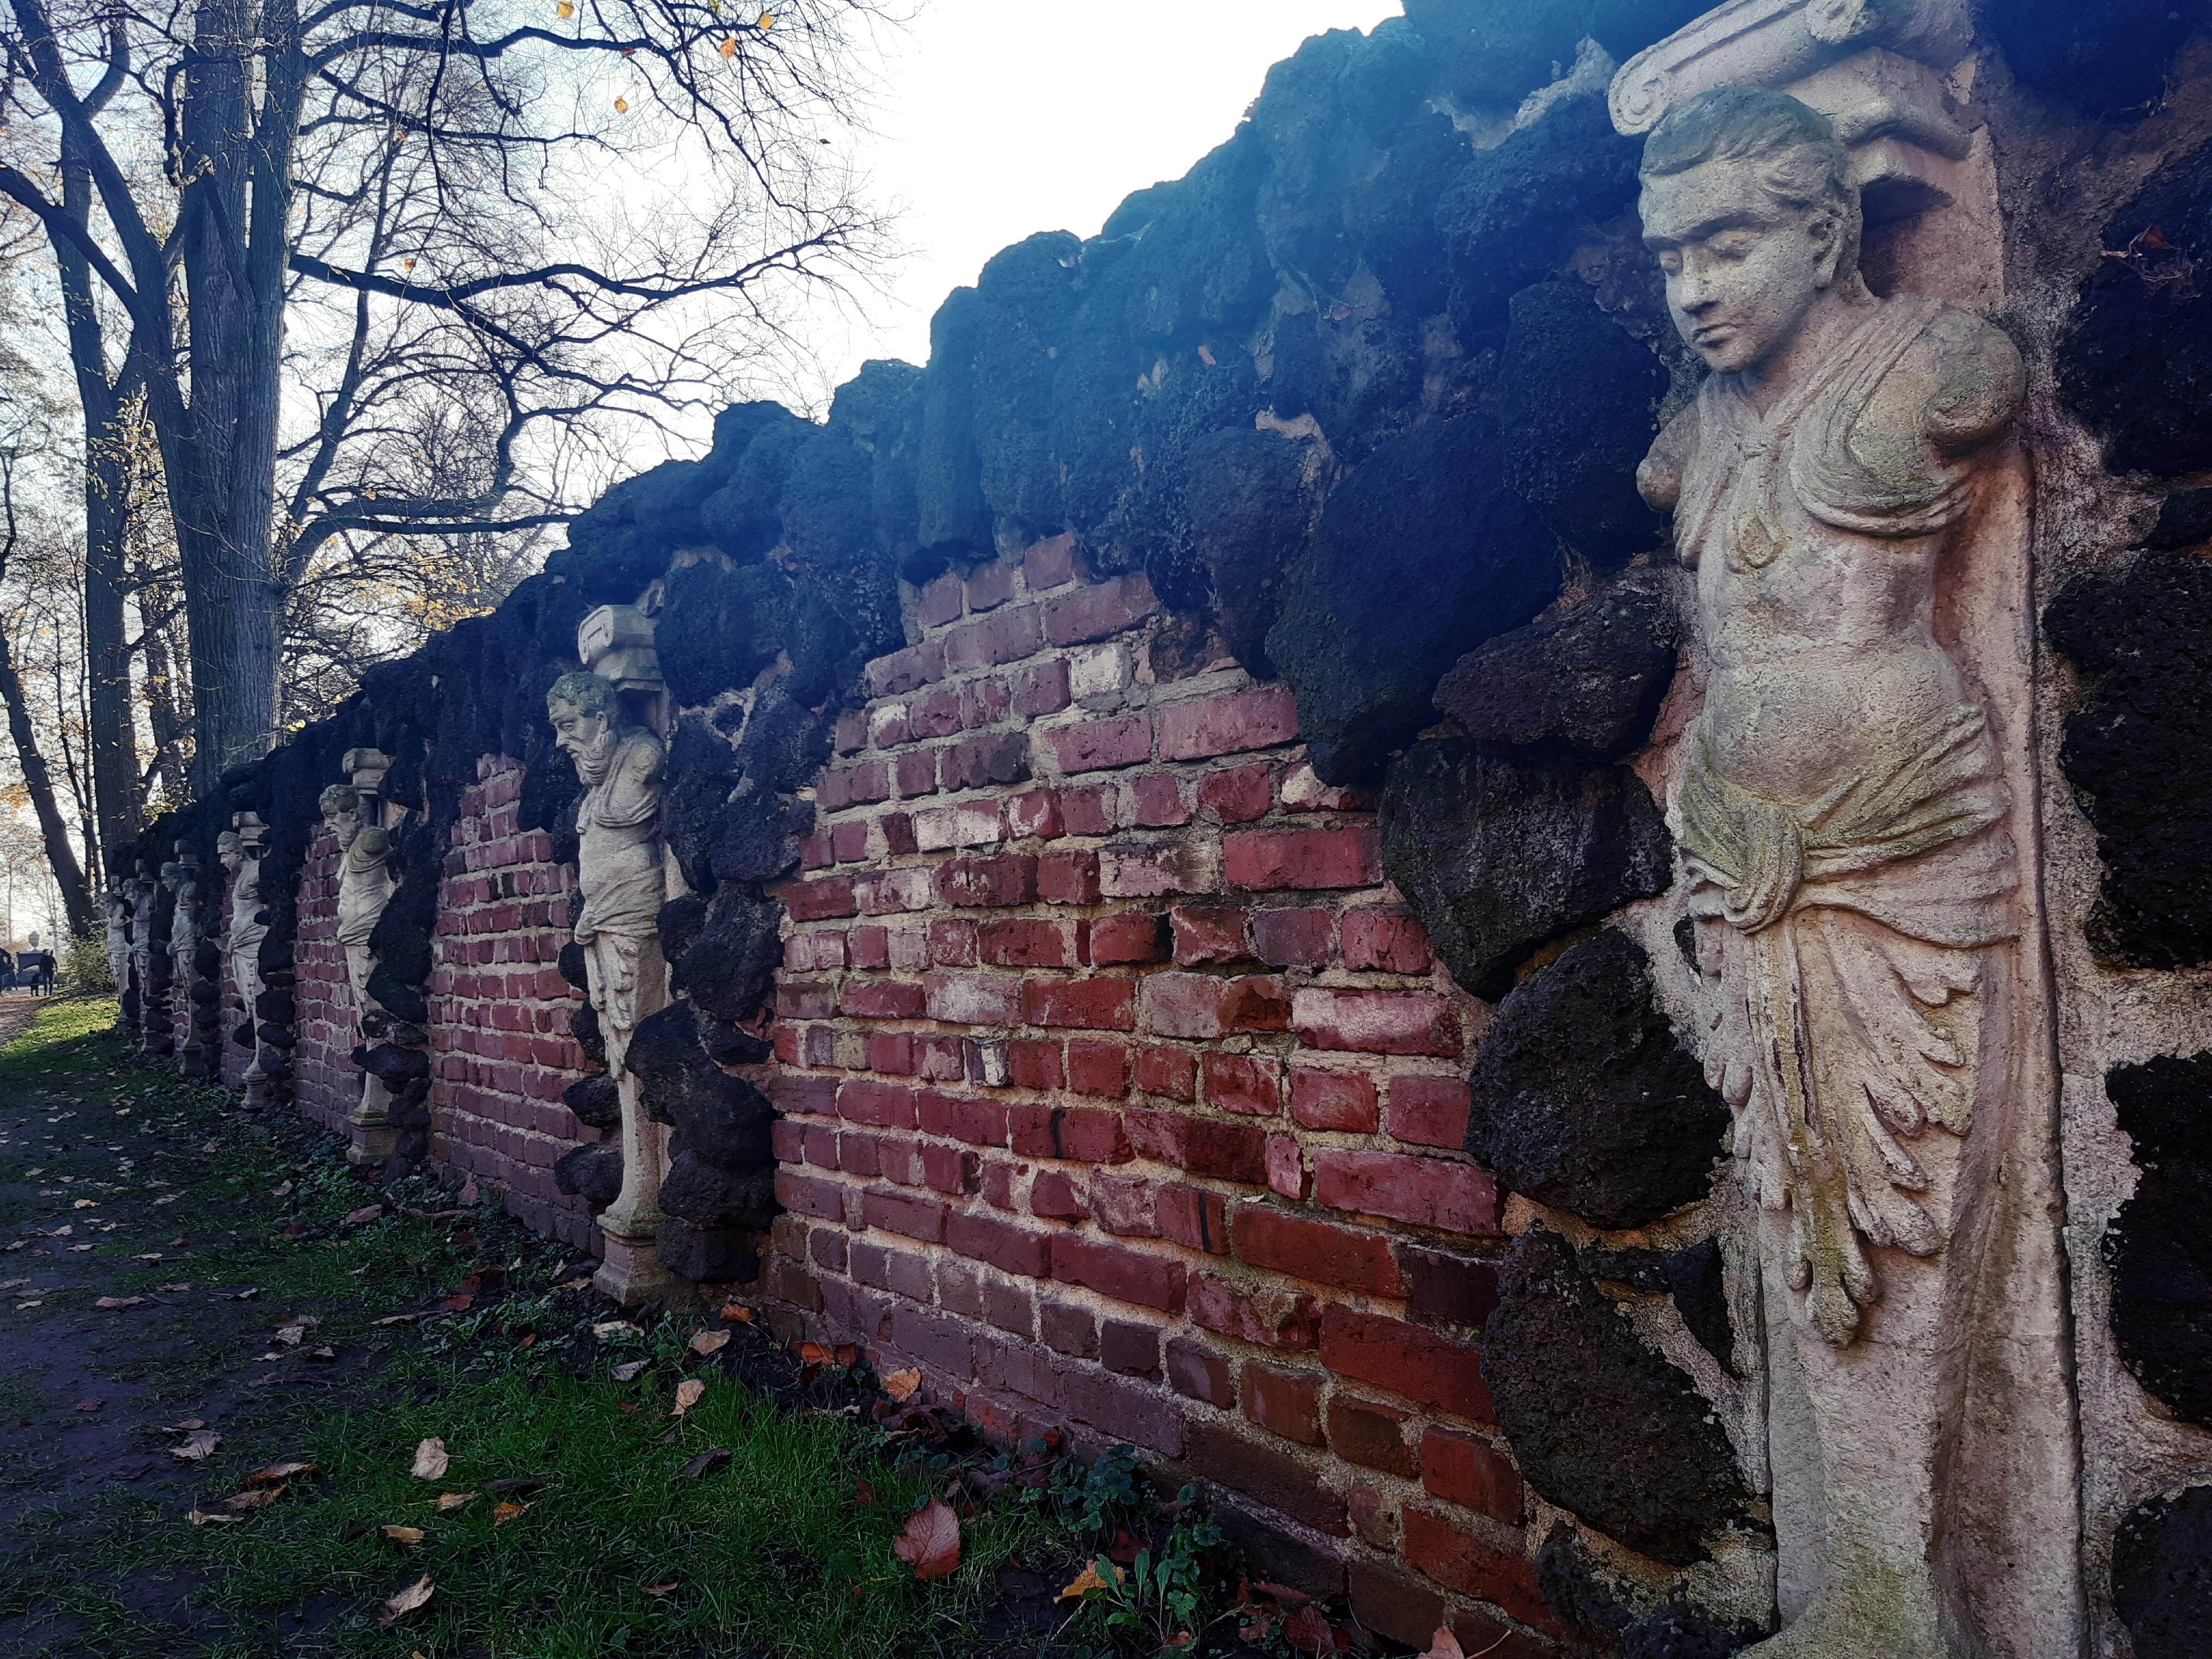 płaskorzeźby, zdobienia, stare mury w parku romantycznym w Arkadii